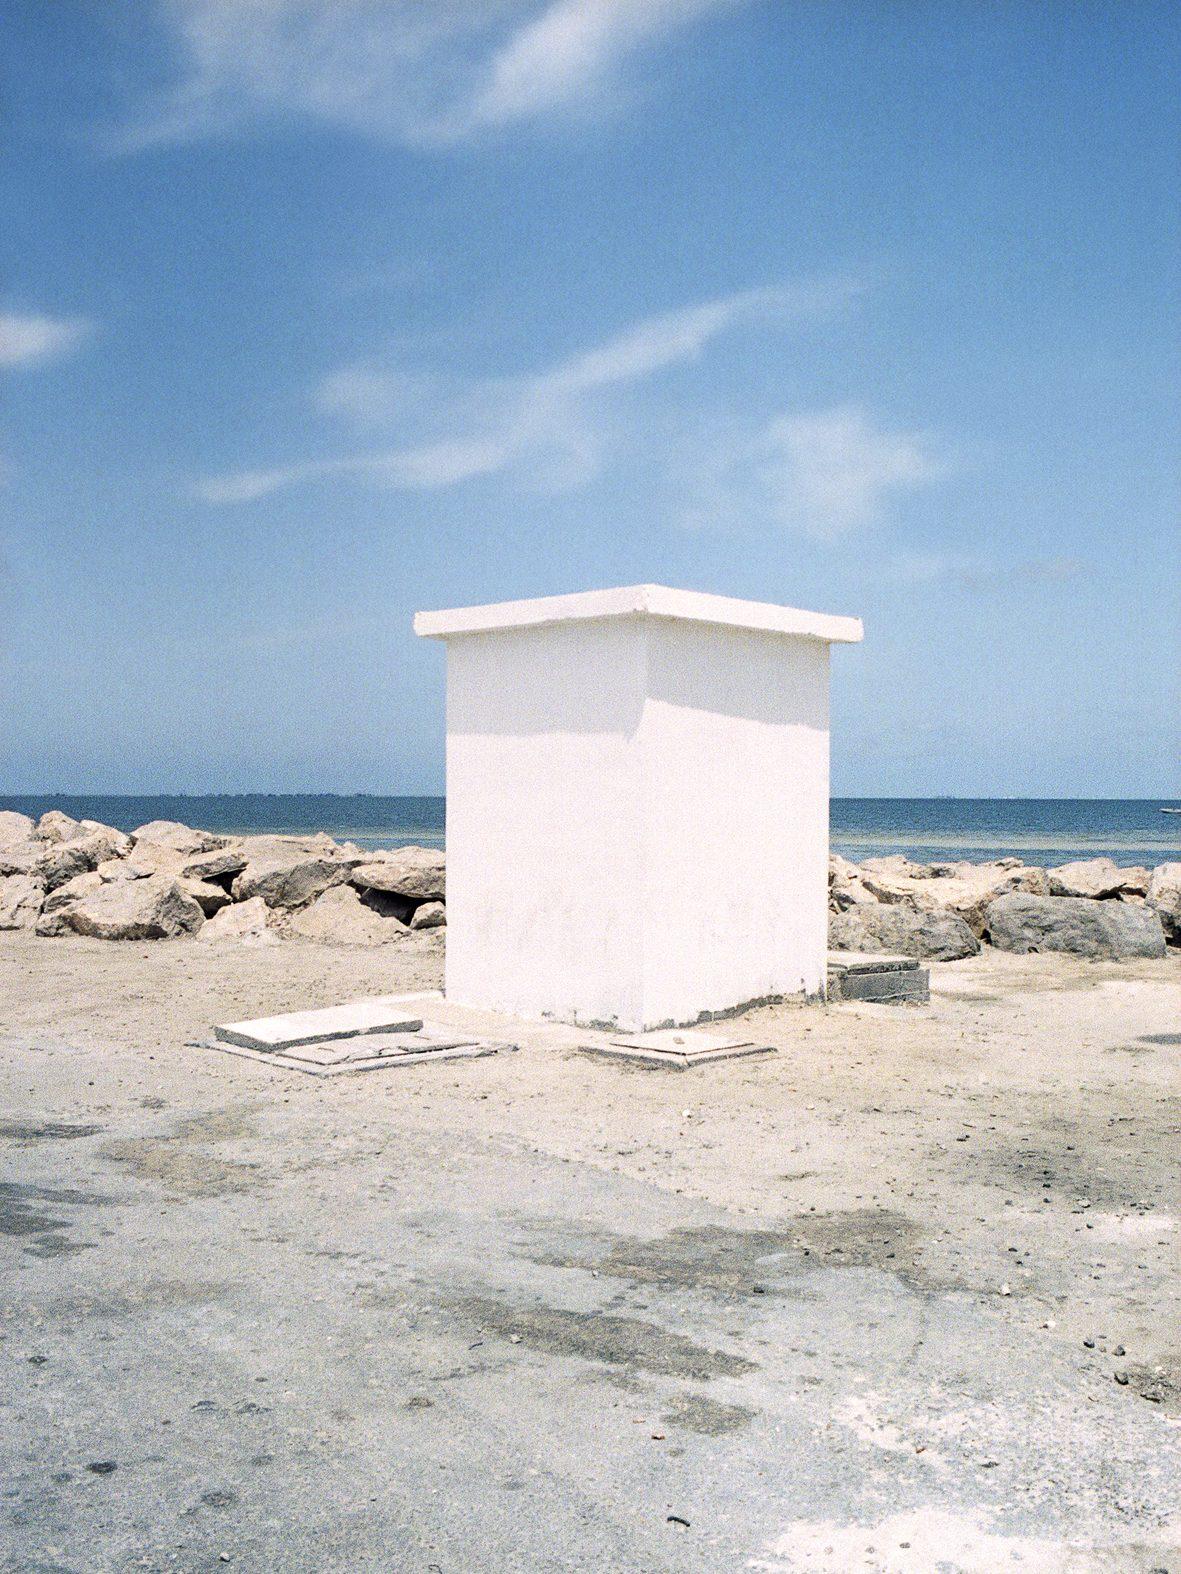 """Image extraite de la série """"L'île aux lotophages"""" © Julien Malabry"""